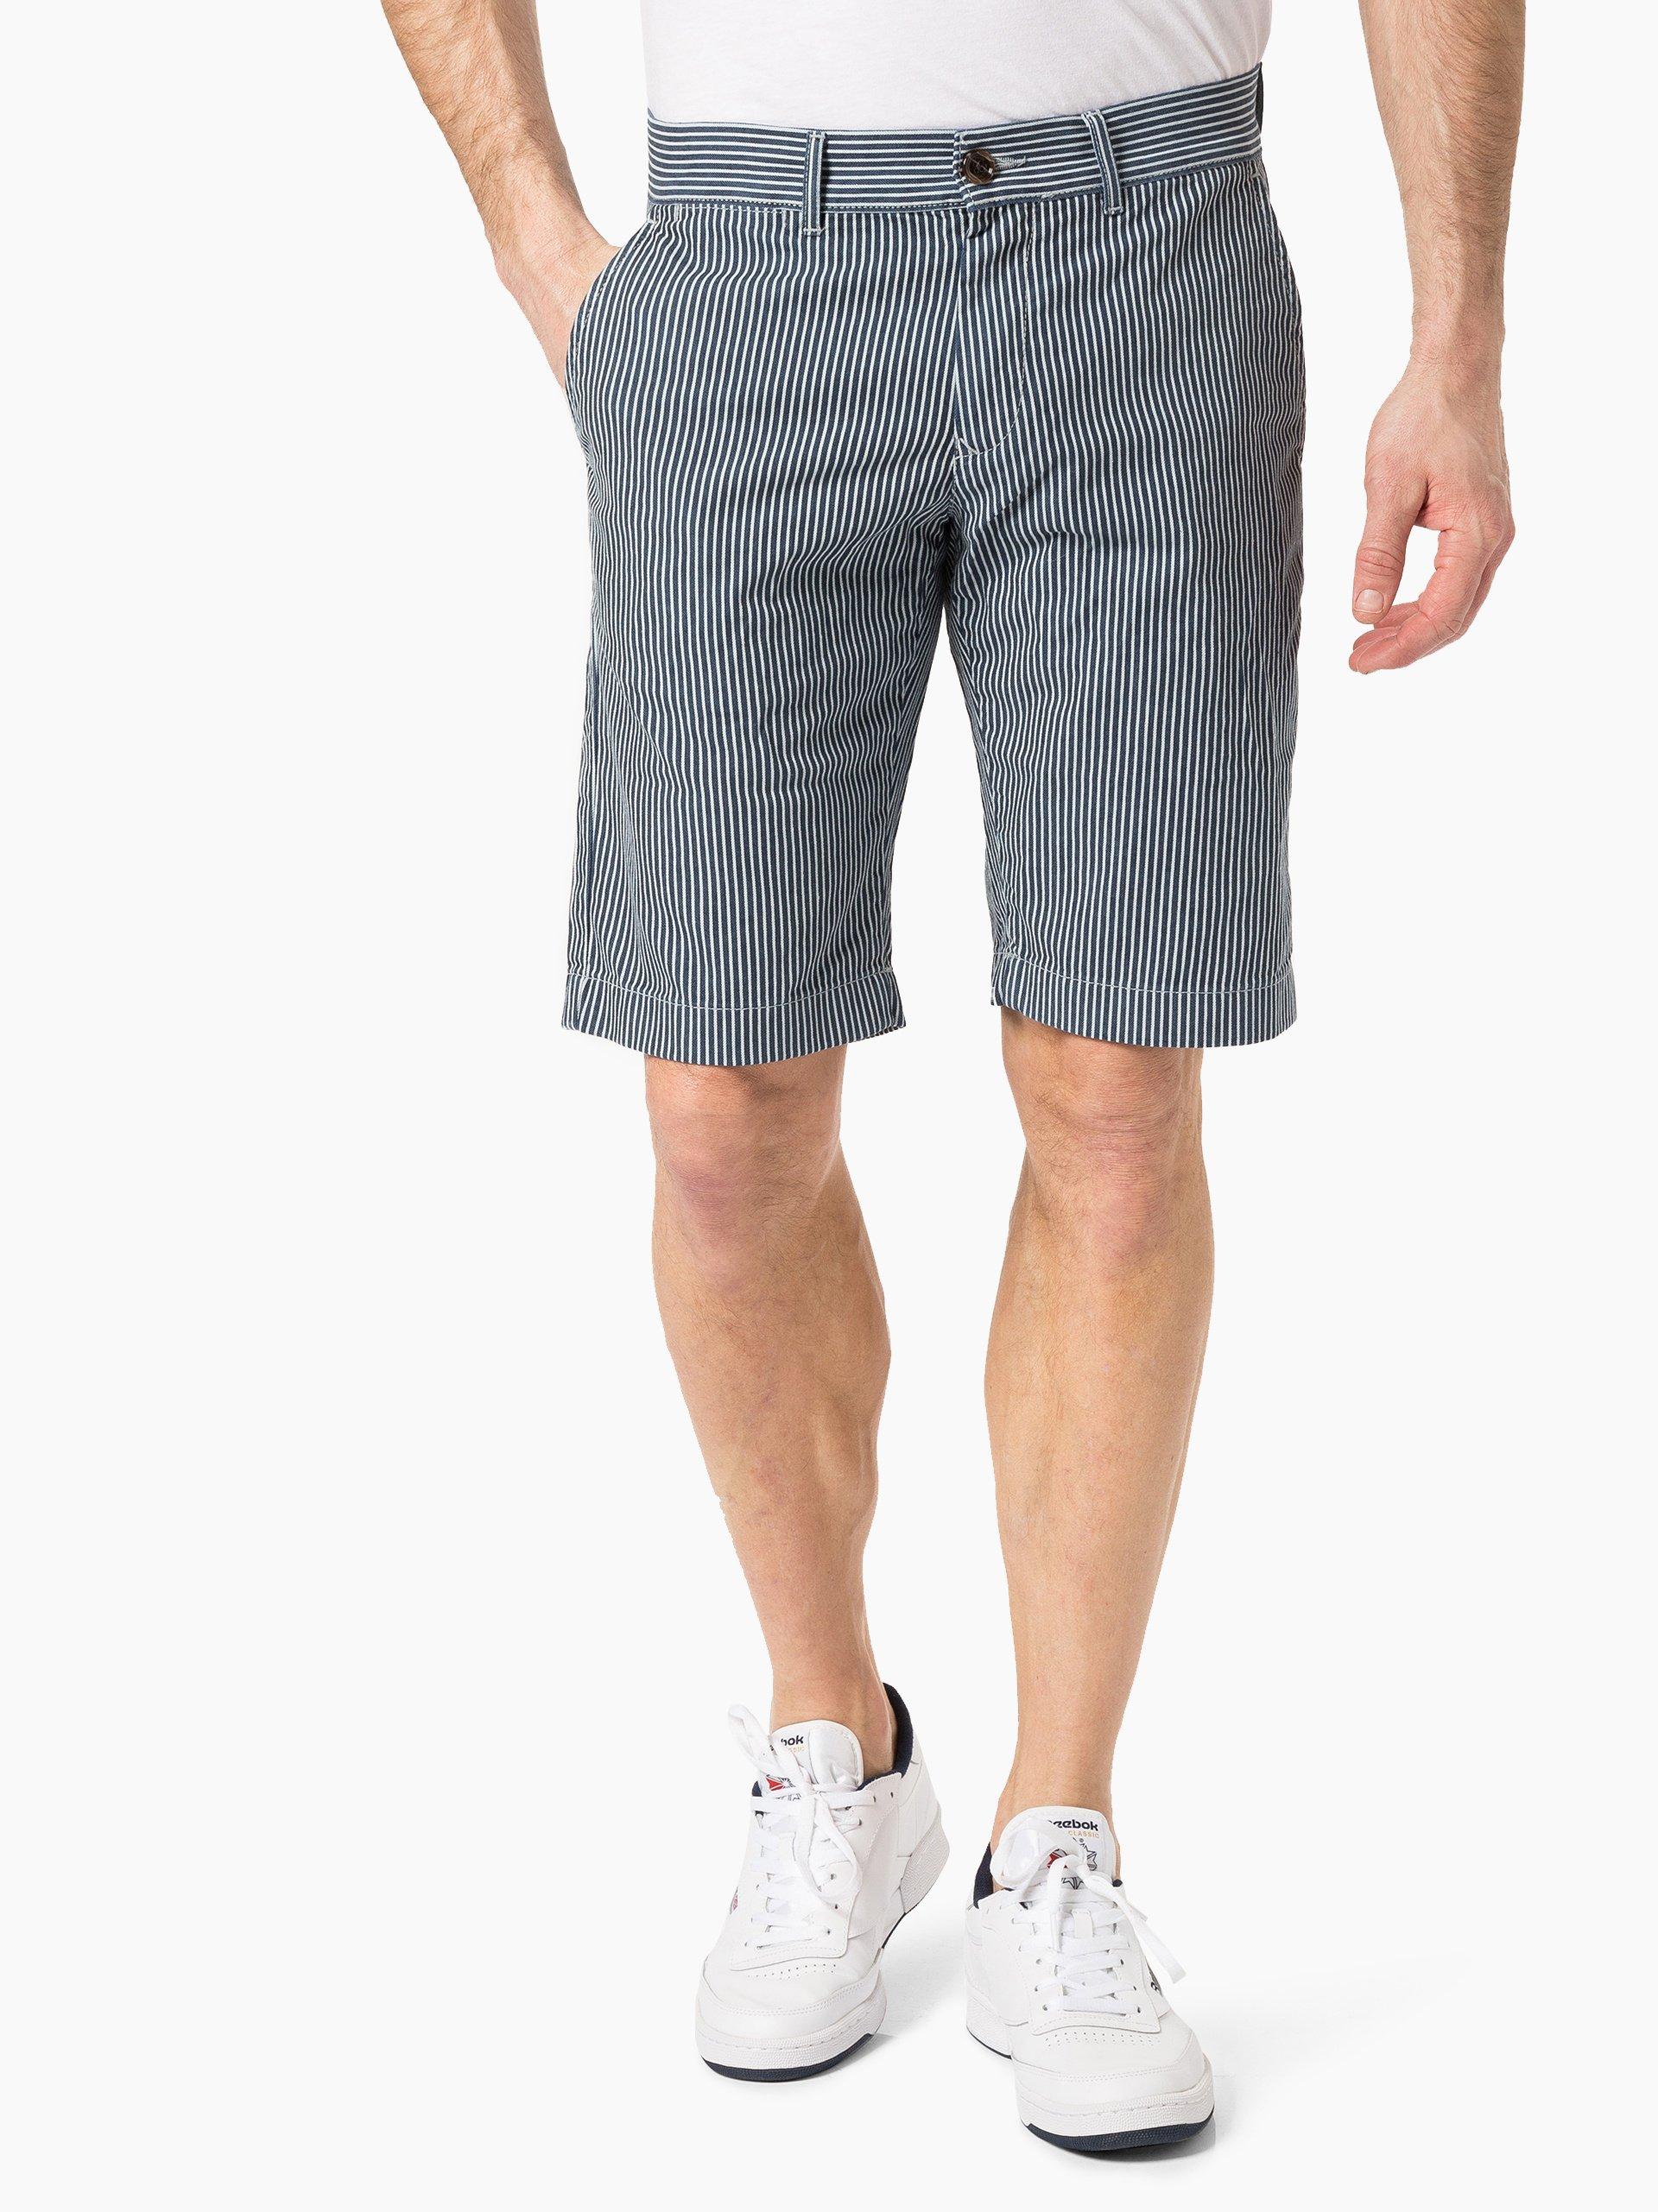 tommy hilfiger herren shorts marine gestreift online kaufen peek und cloppenburg de. Black Bedroom Furniture Sets. Home Design Ideas